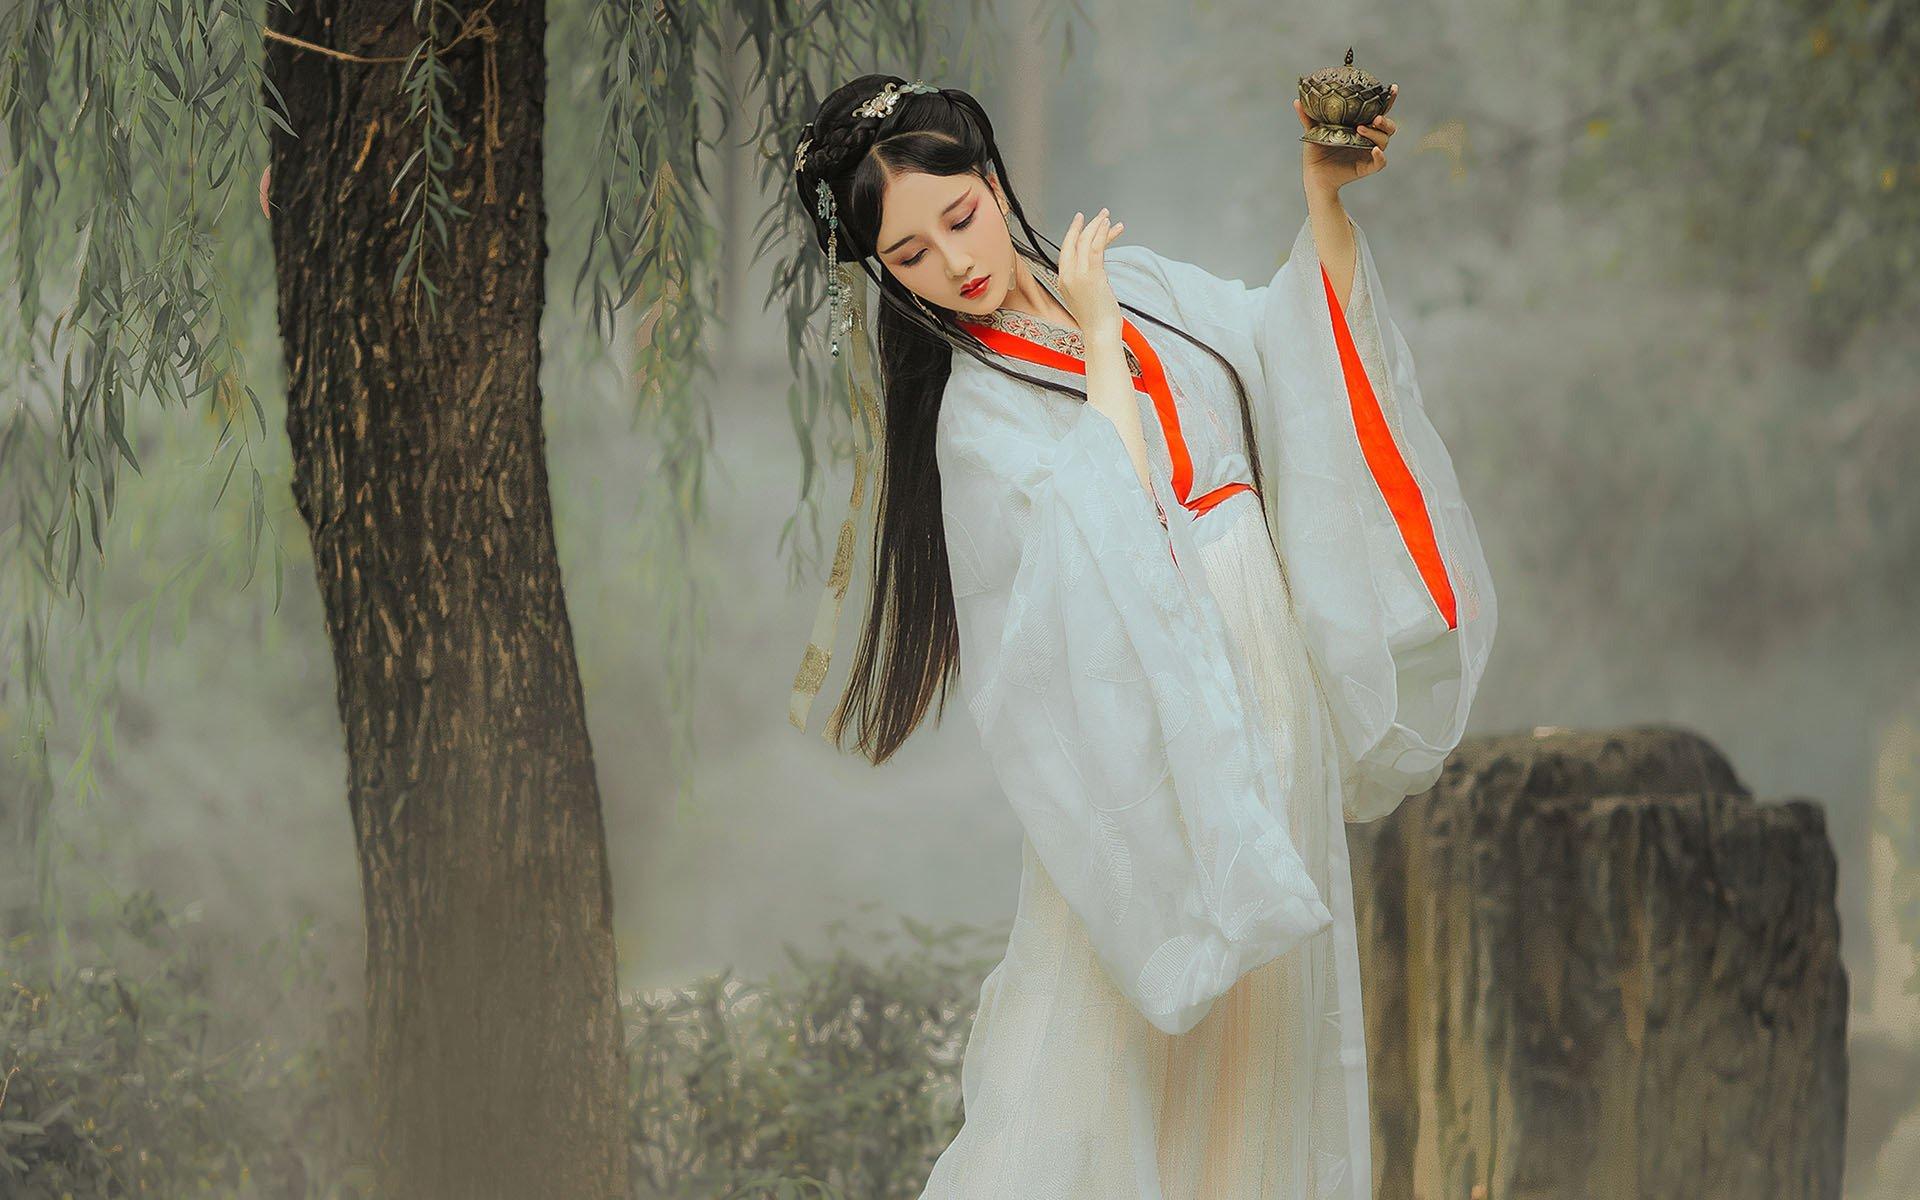 求炫舞舞团名字带绝恋两个字还有官职名称?